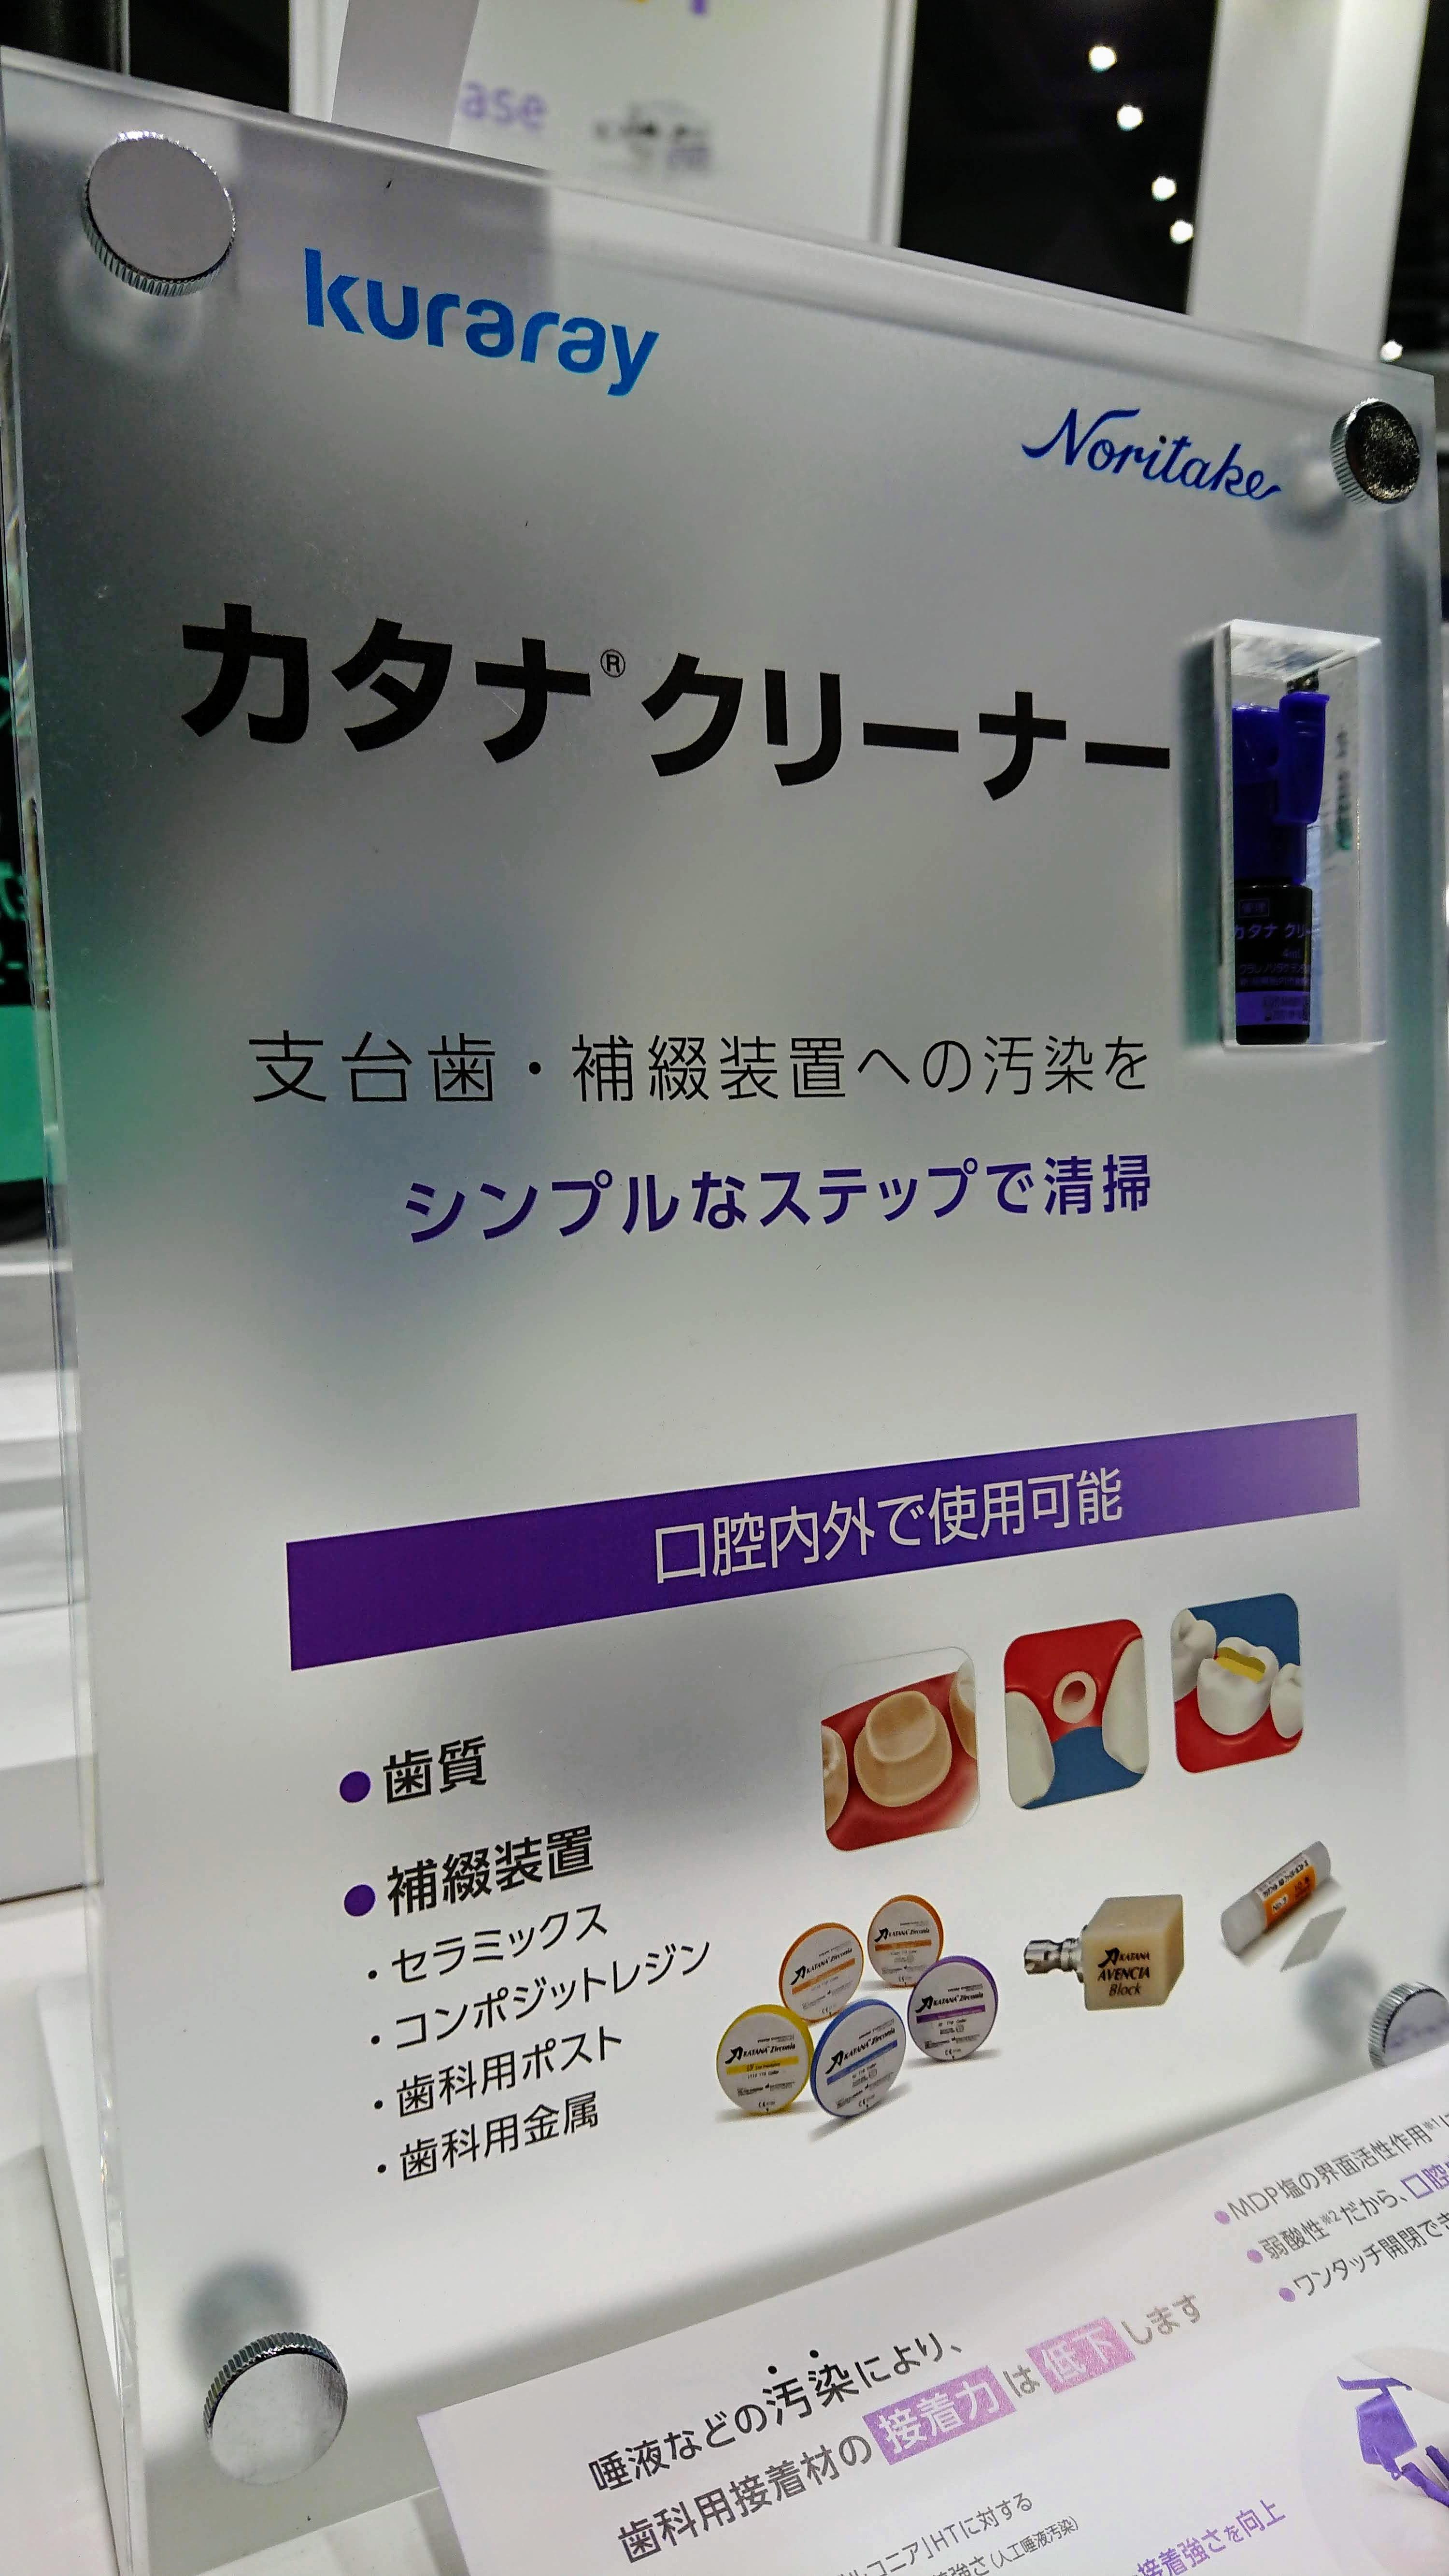 東京デンタルショー2019 の注目製品